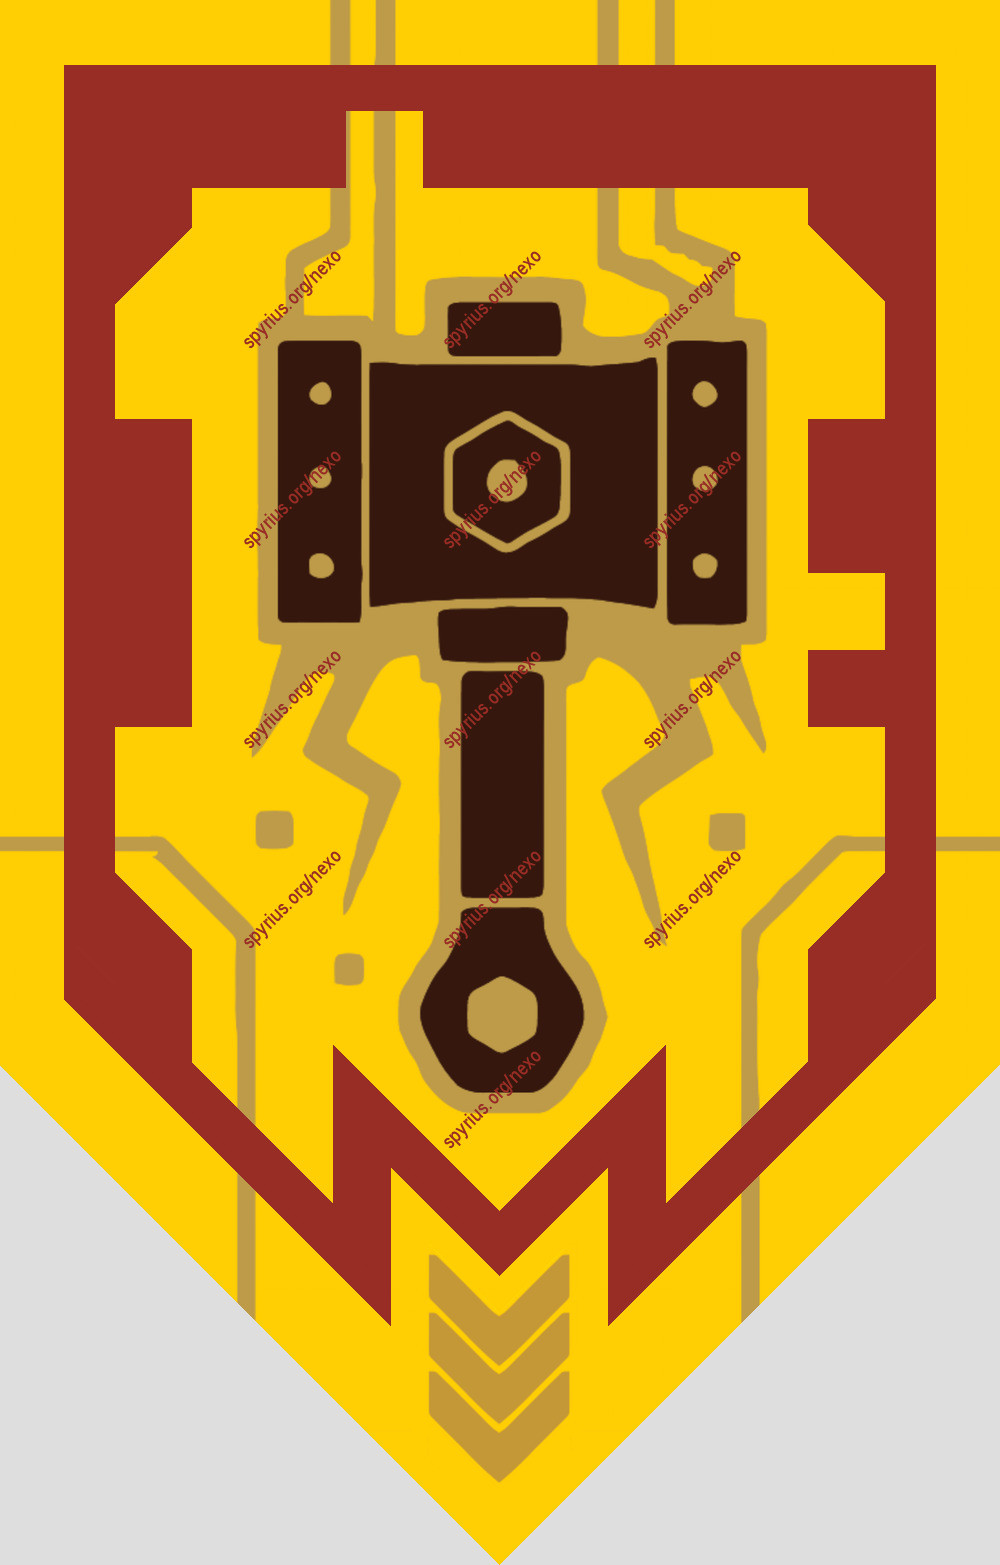 Nexo Knights Schilder Liste Einzigartig Lego Nexo Knights Power Axl Foul Steam Spyrius Best Nexo Knights Sammlung